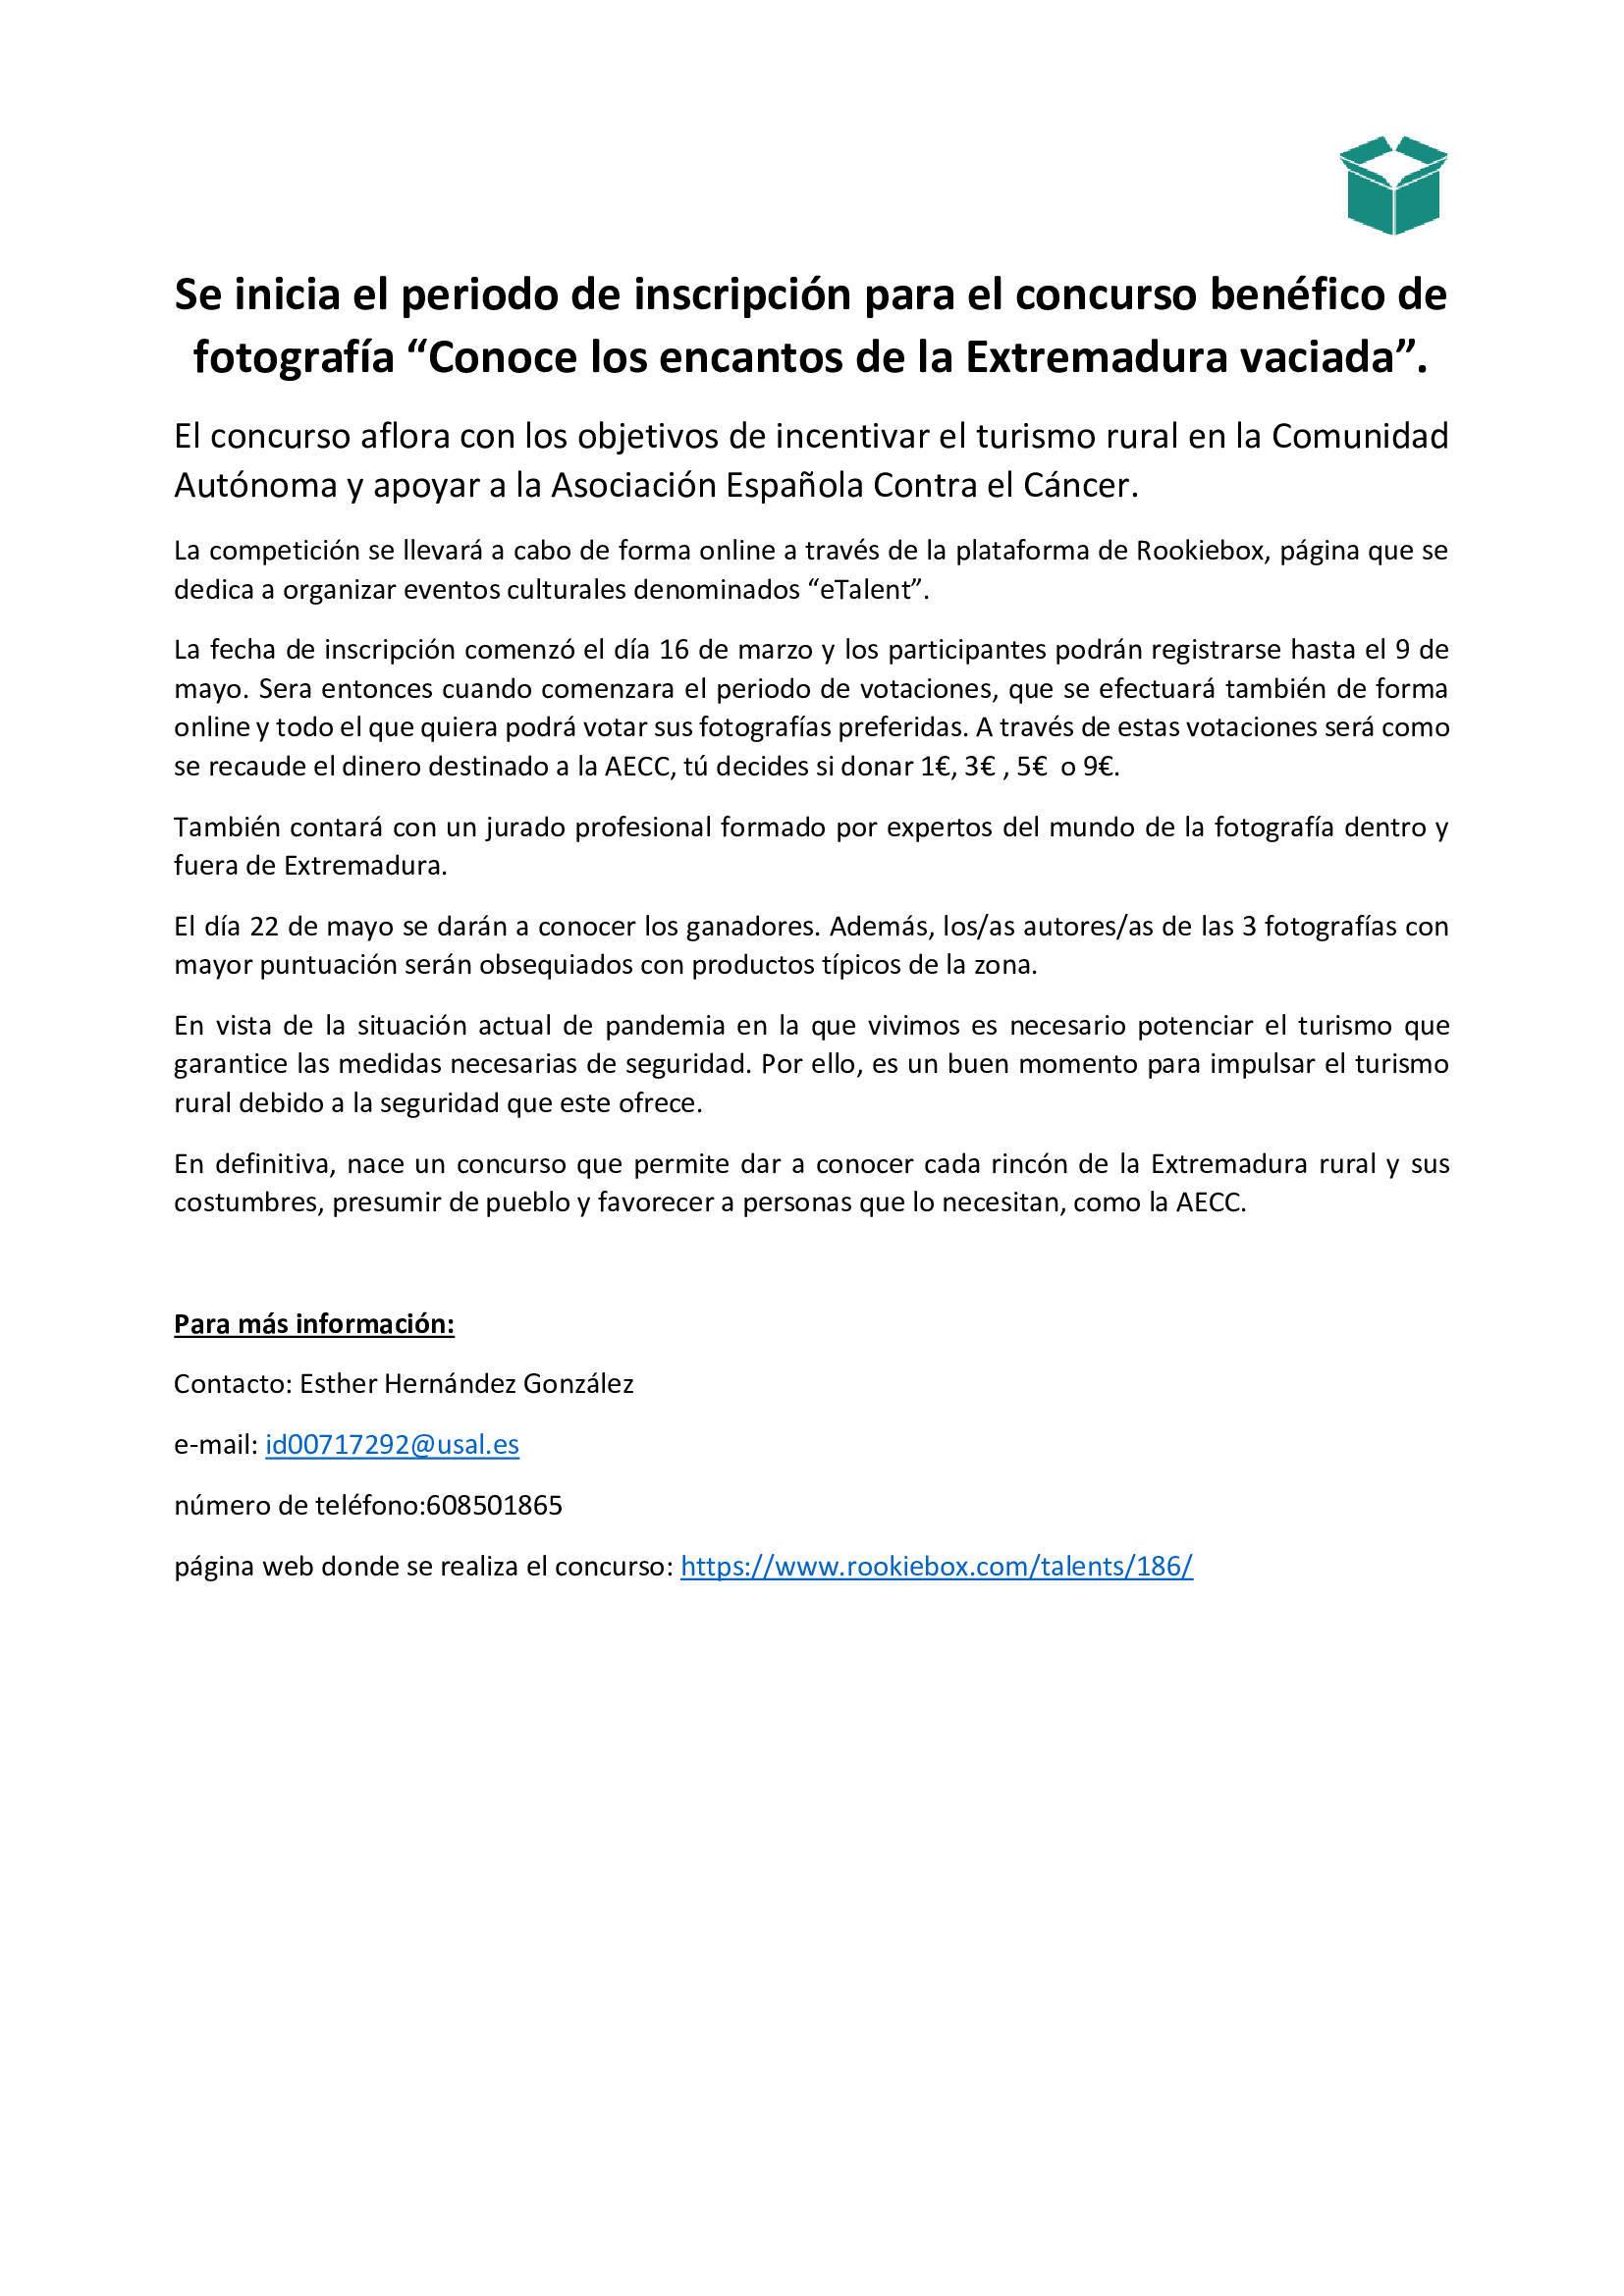 Se inicia el periodo de inscripción para el concurso benéfico de fotografía Conoce los encantos de la Extremadura vaciada (2021) 2